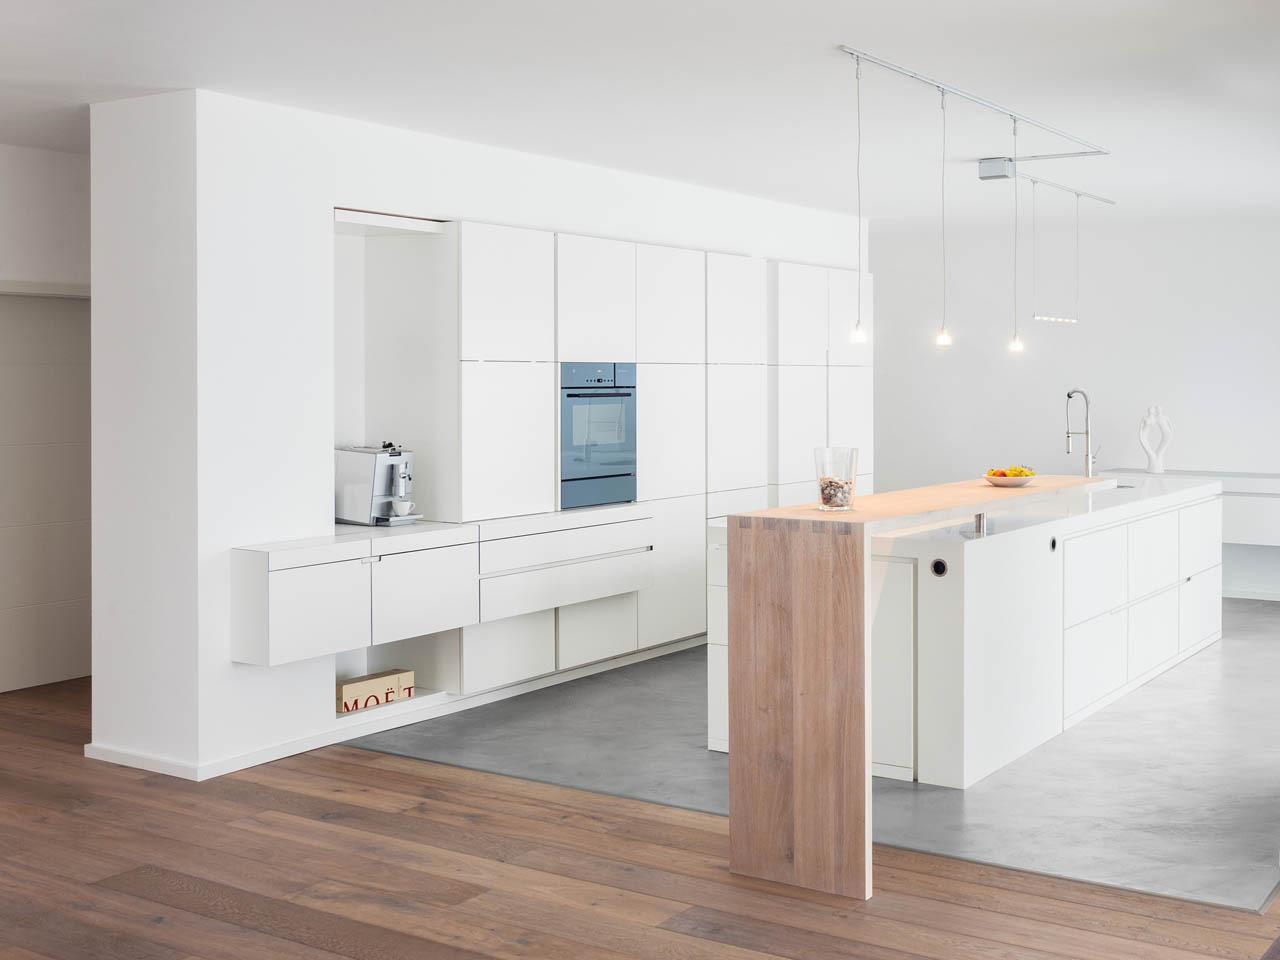 plan 3 kuchyně / Homogenní architektonický jazyk / Küchen Journal